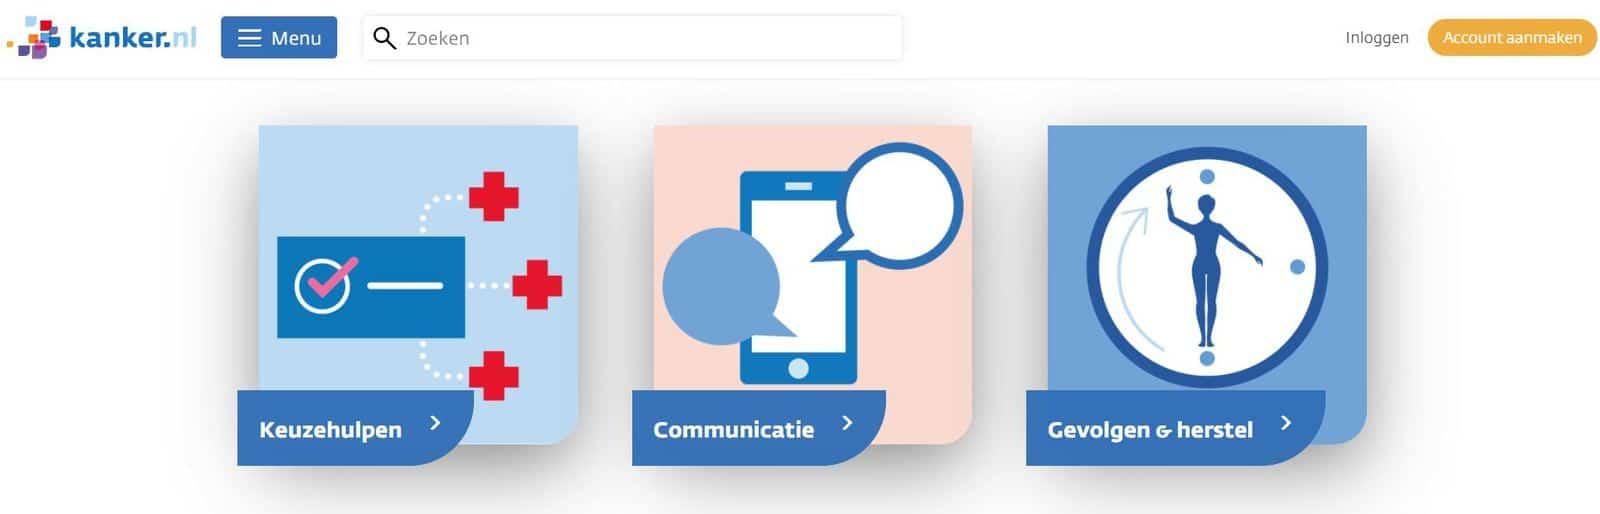 onco app store